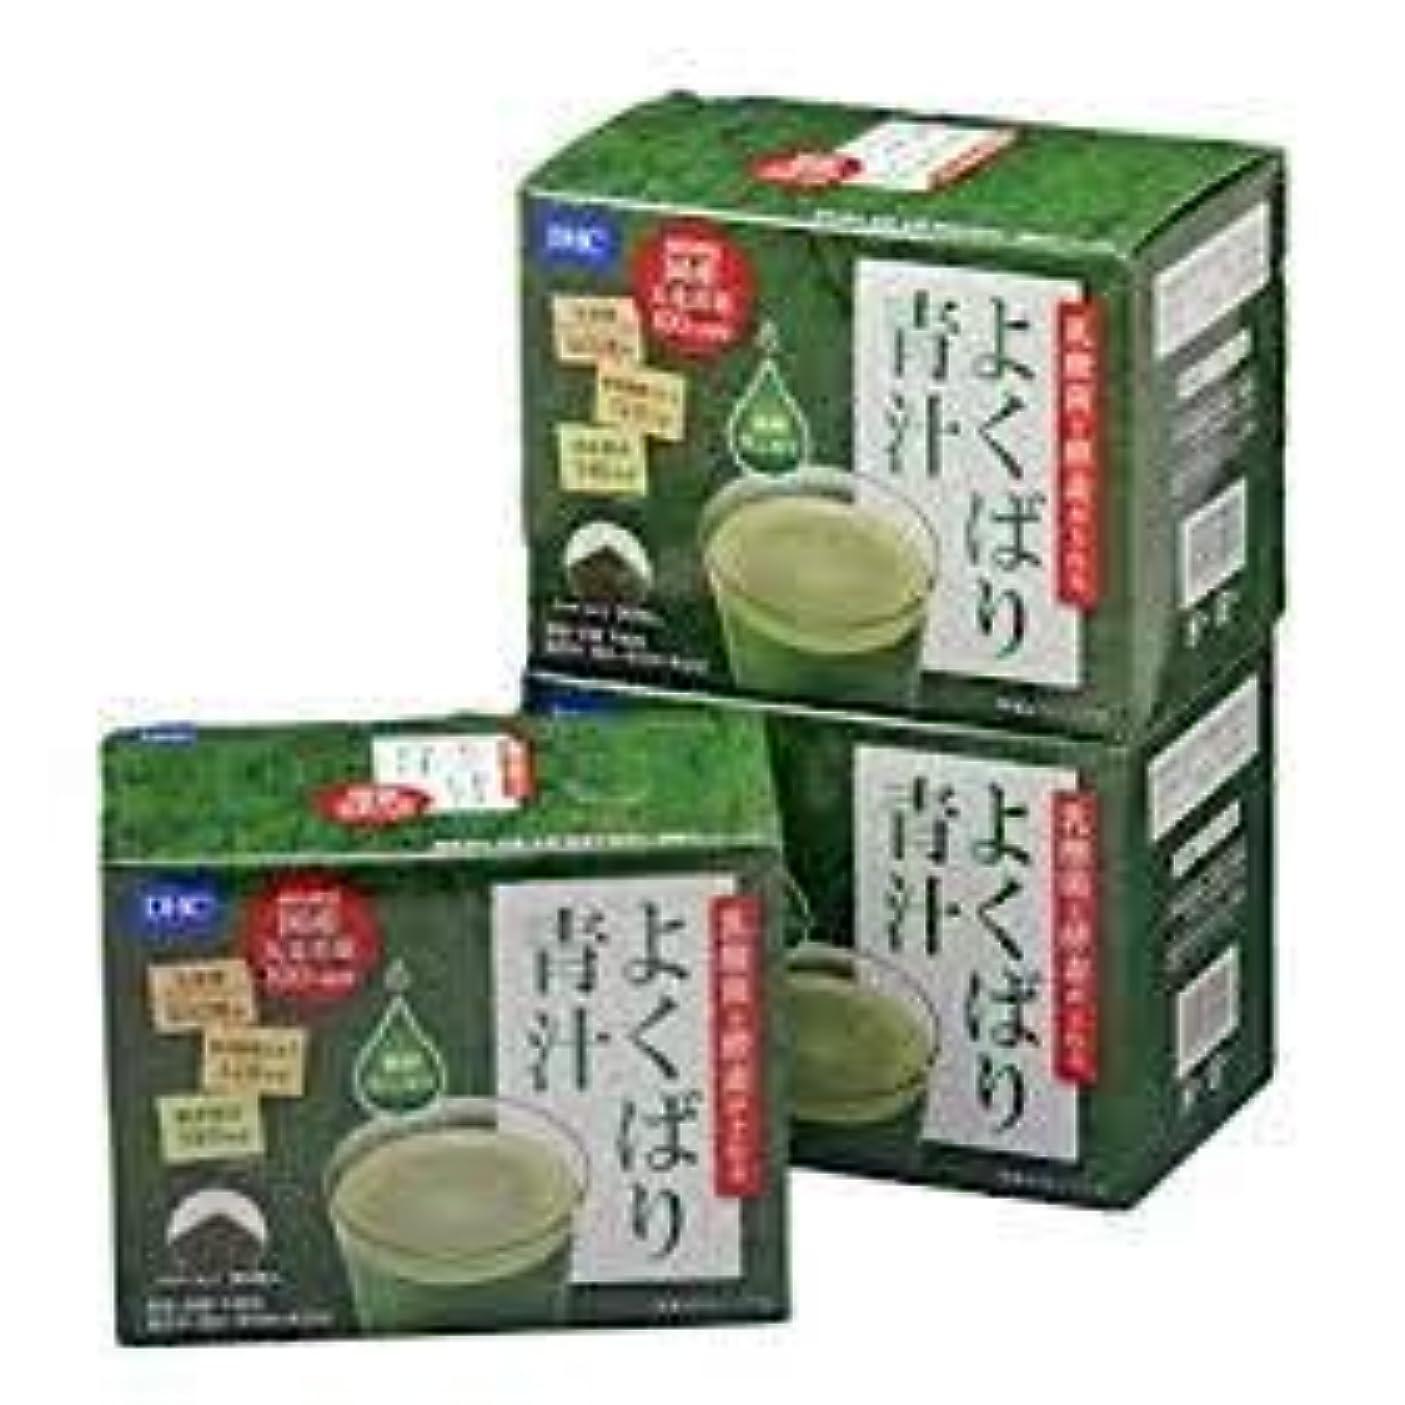 率直な安全な必要DHC 乳酸菌と酵素がとれる よくばり青汁 30包×3個